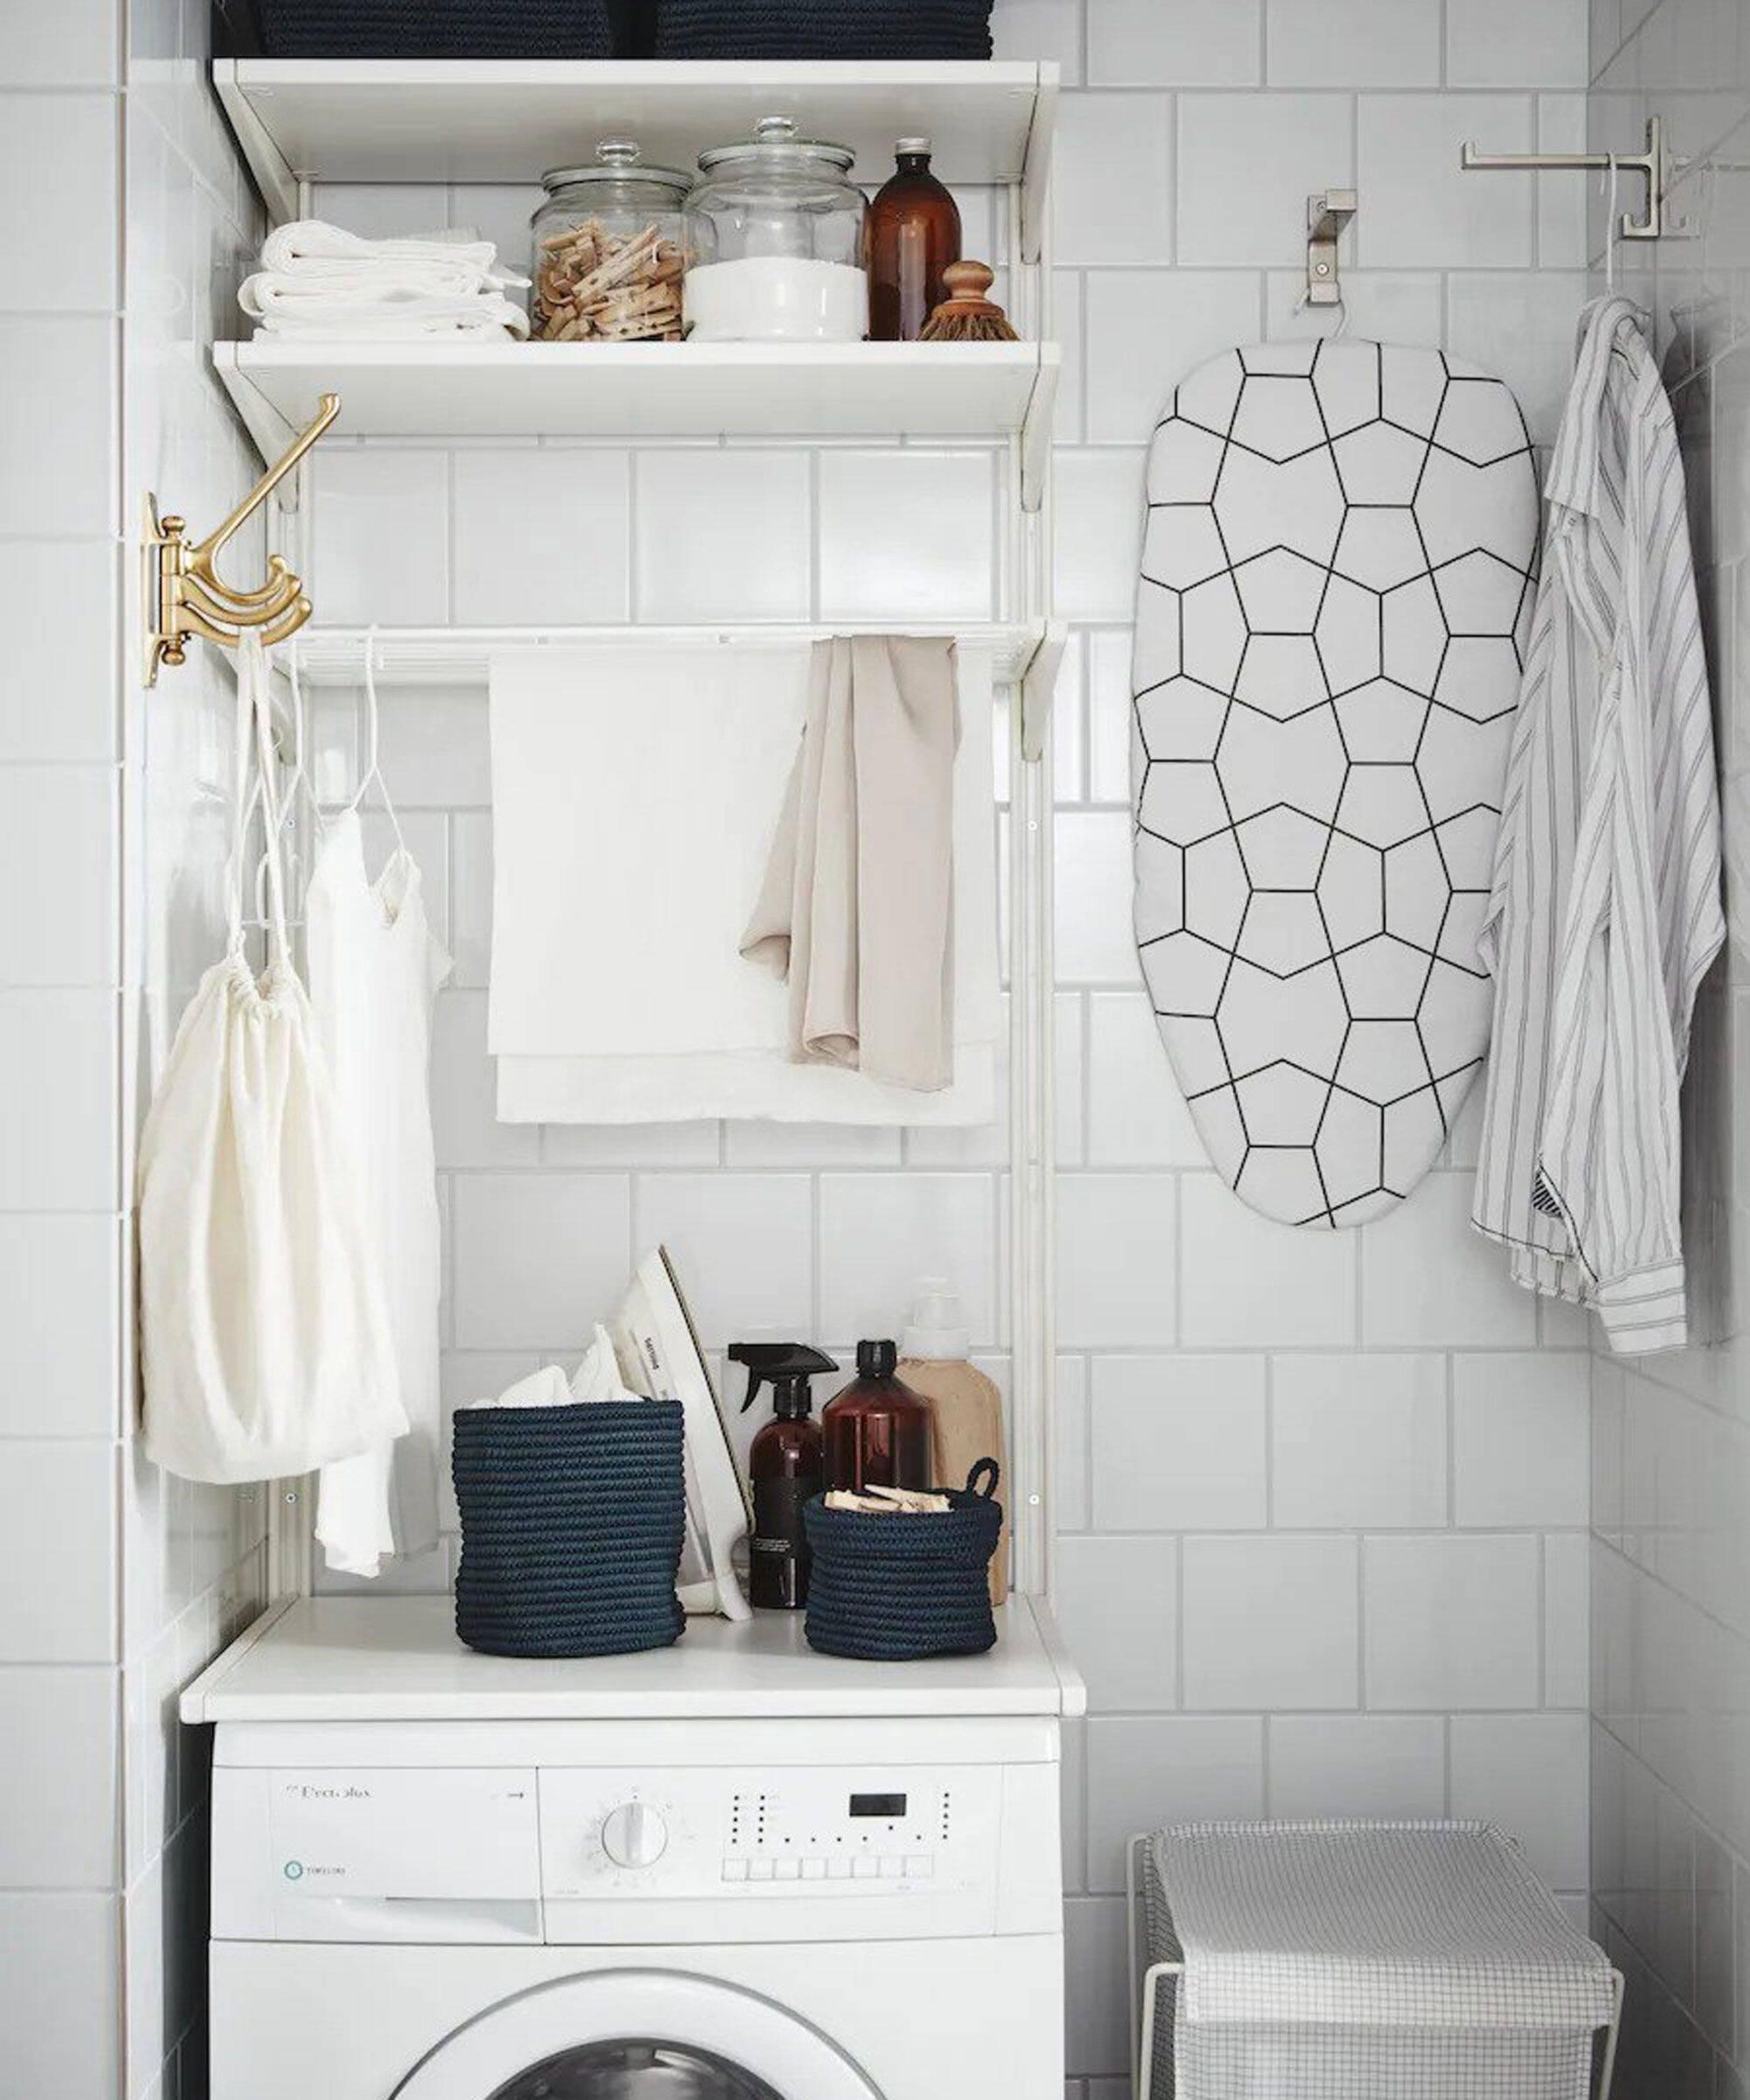 Lavanderia pequena: utilize qualquer espaço